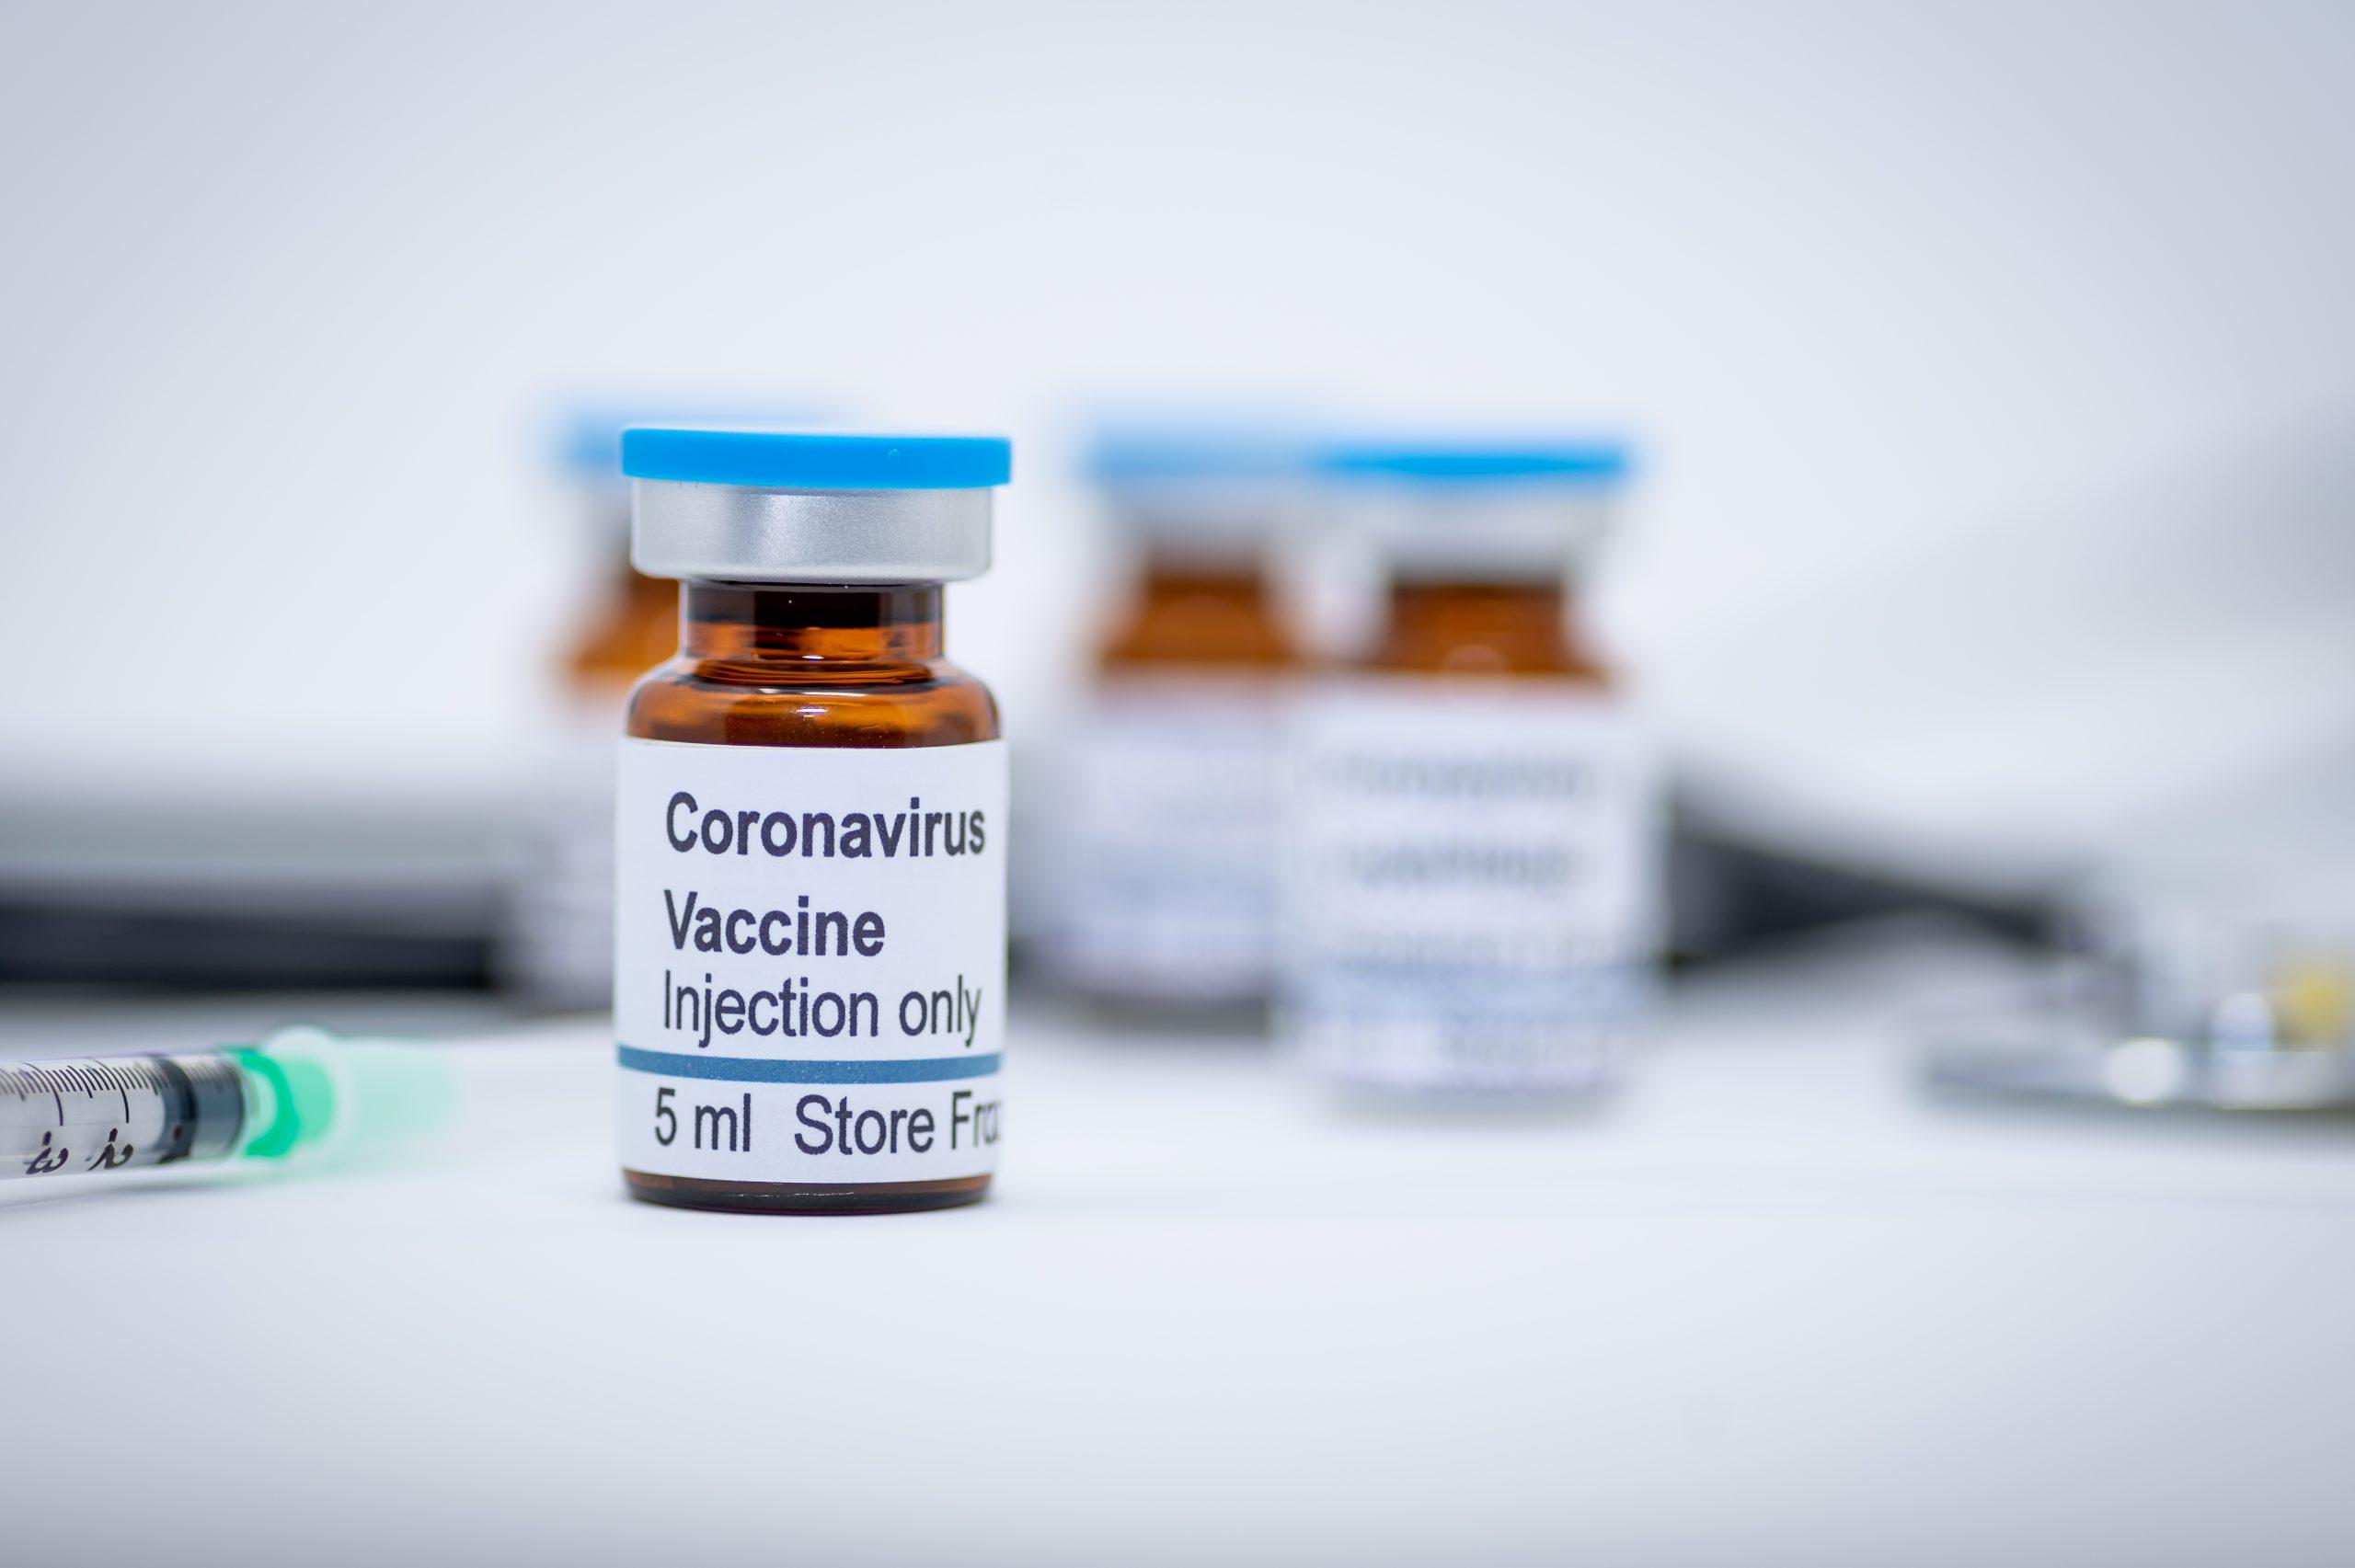 شرکت داروسازی فرانسوی: واکسن کرونا ابتدا به آمریکا عرضه خواهد شد